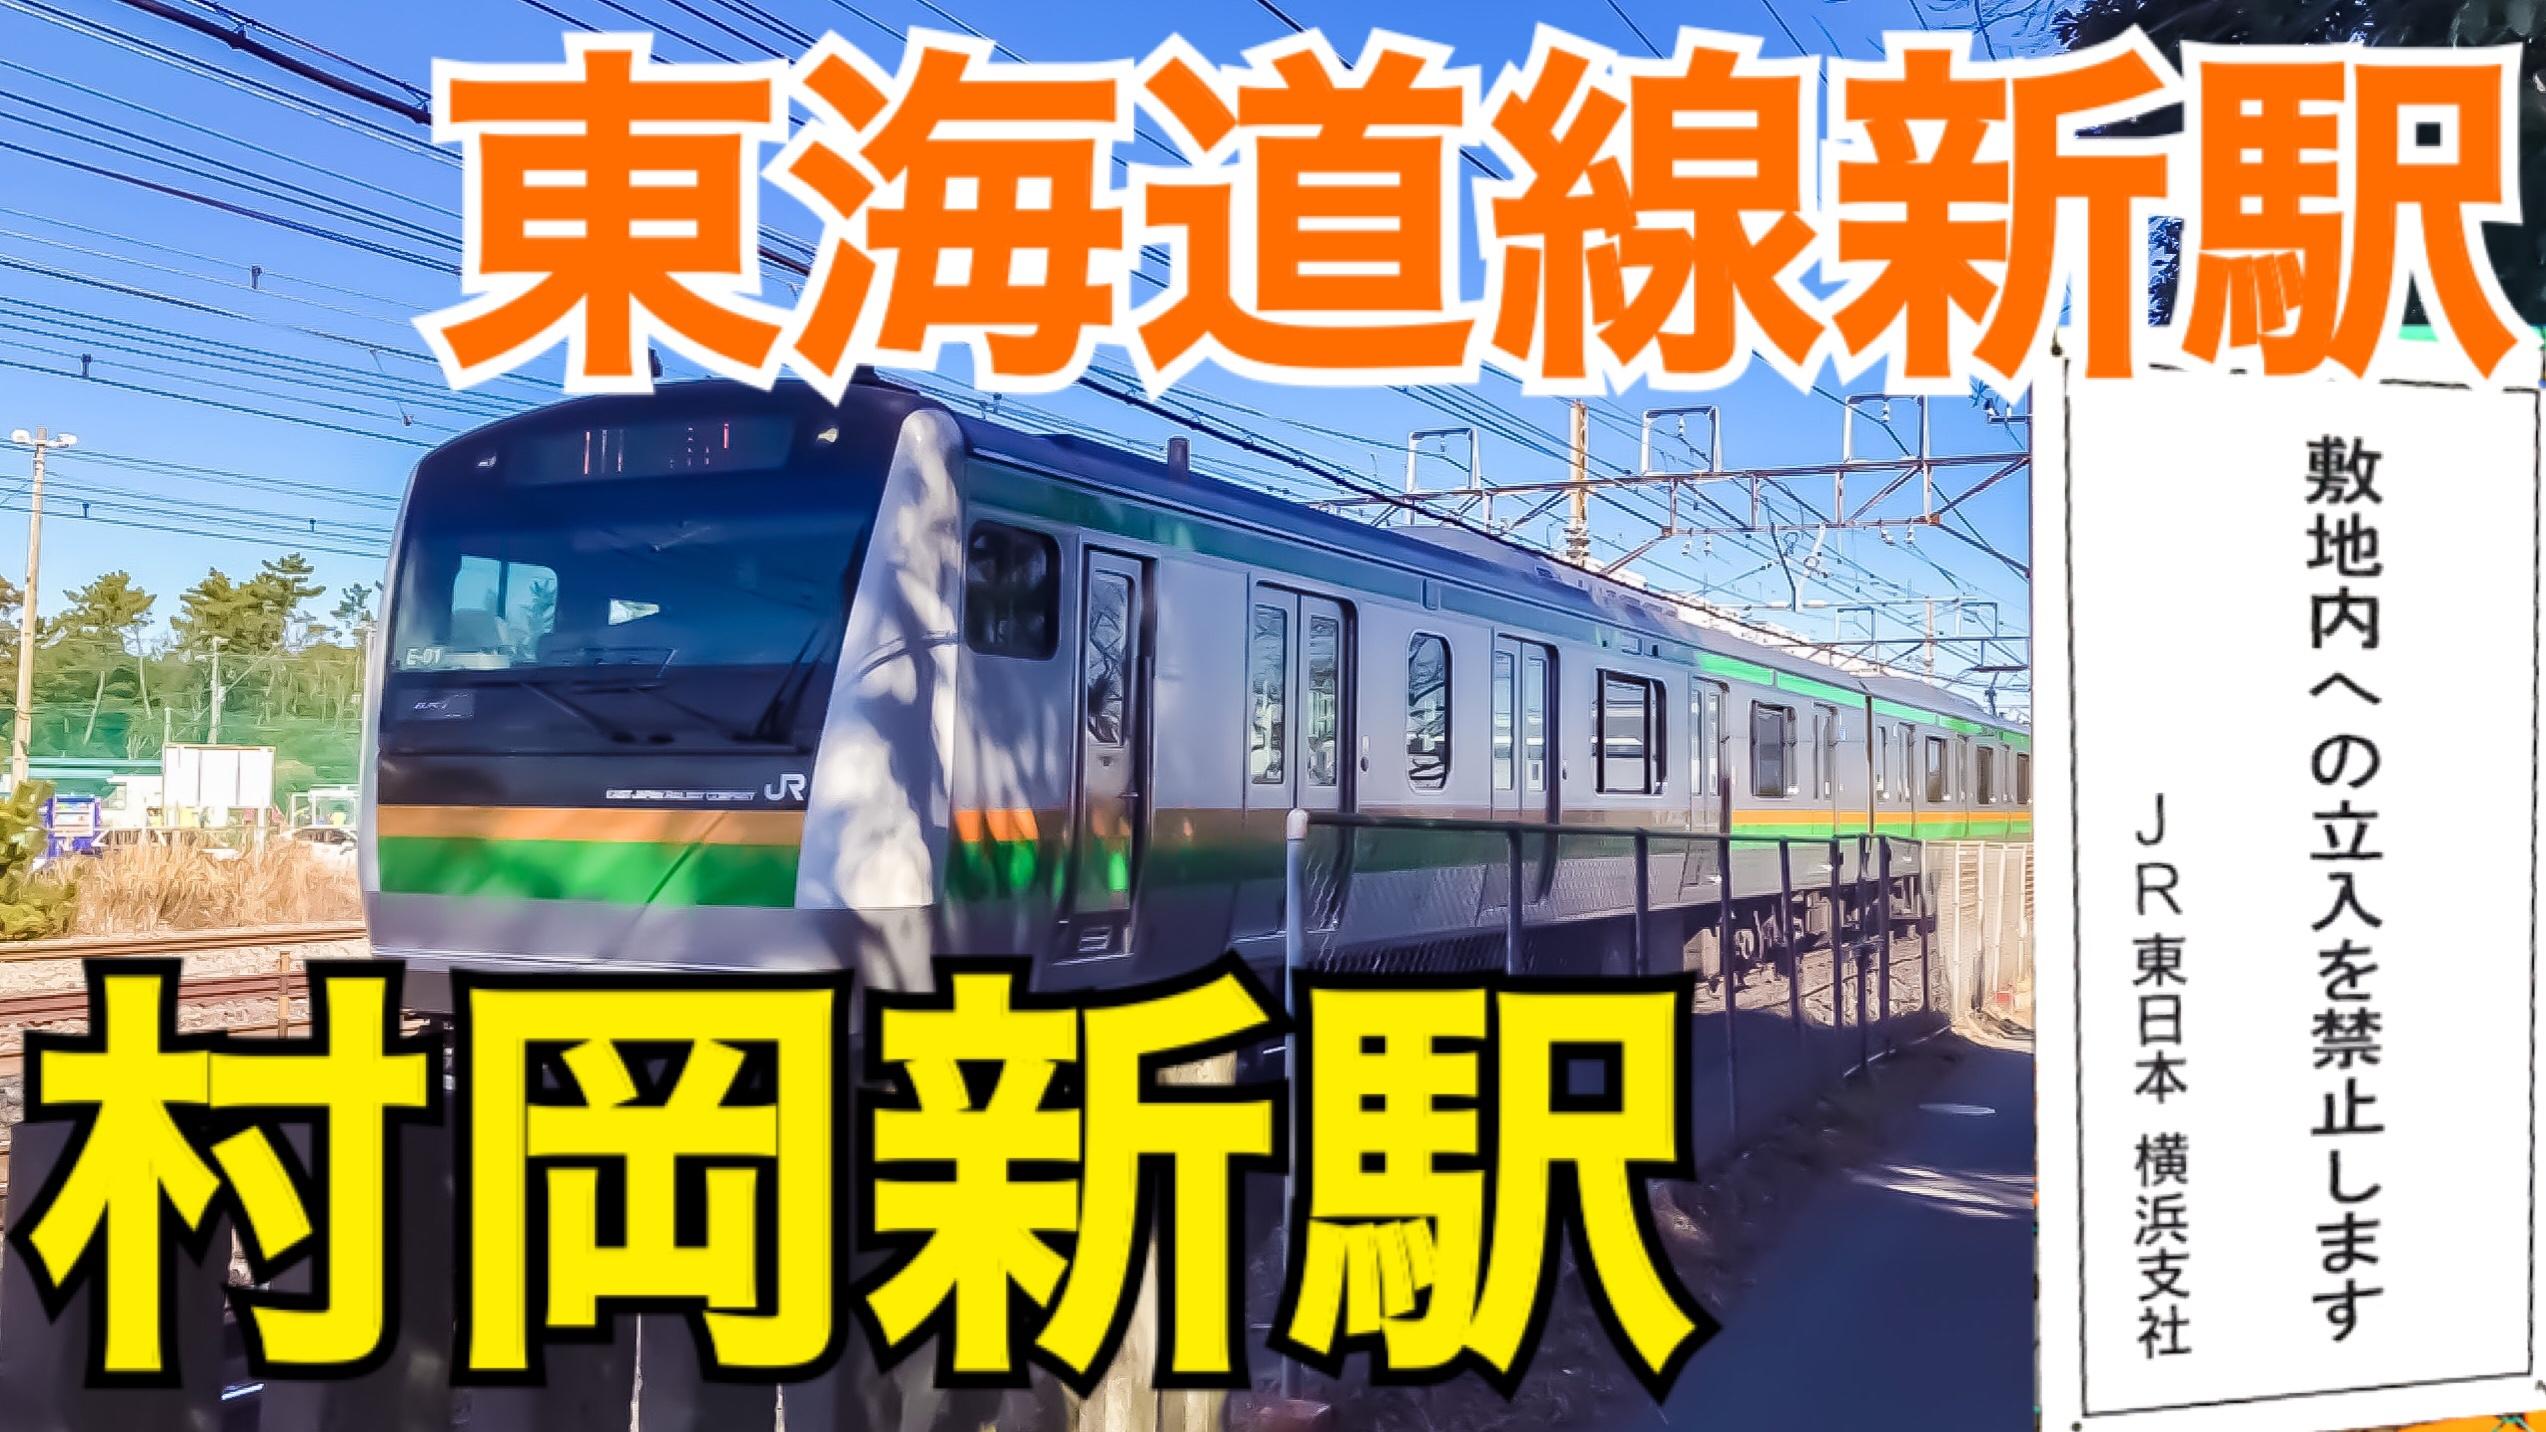 東海道線に新駅!村岡新駅開業予定地に行ってみた!活用されるのは、あの土地?!